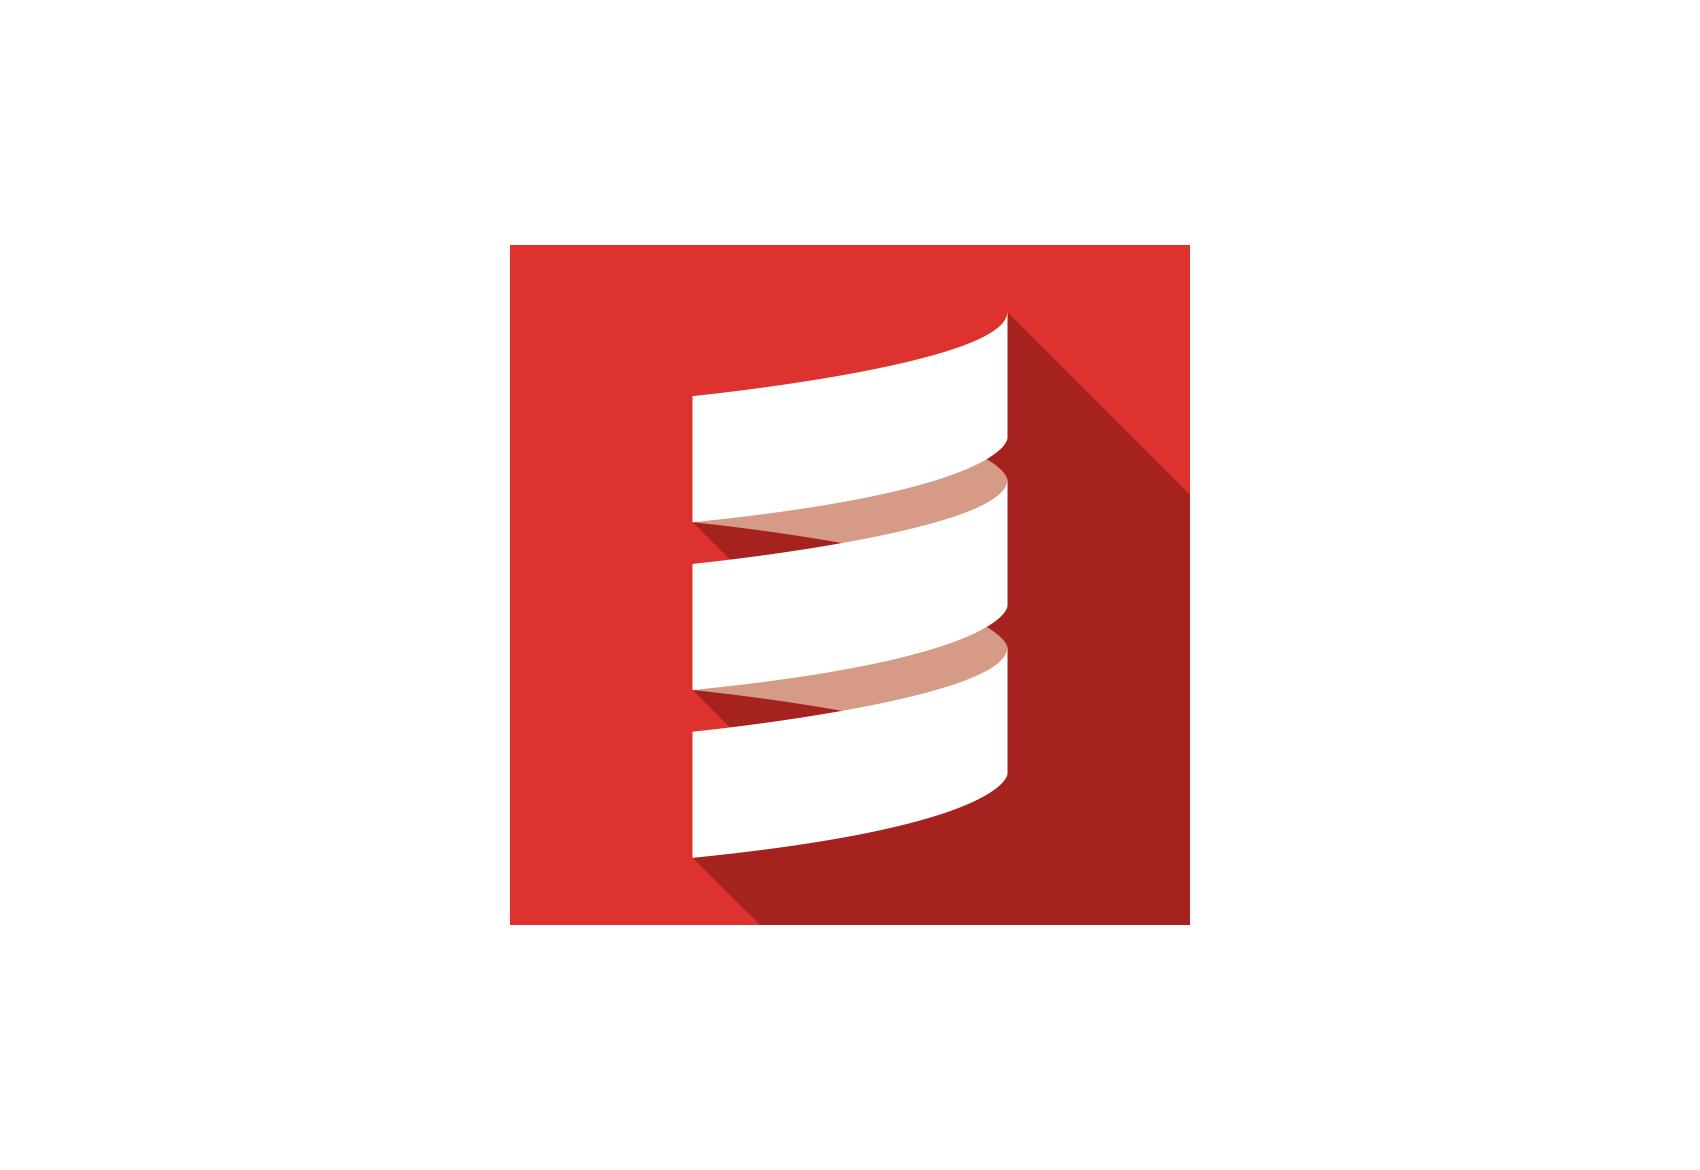 Scala logo.